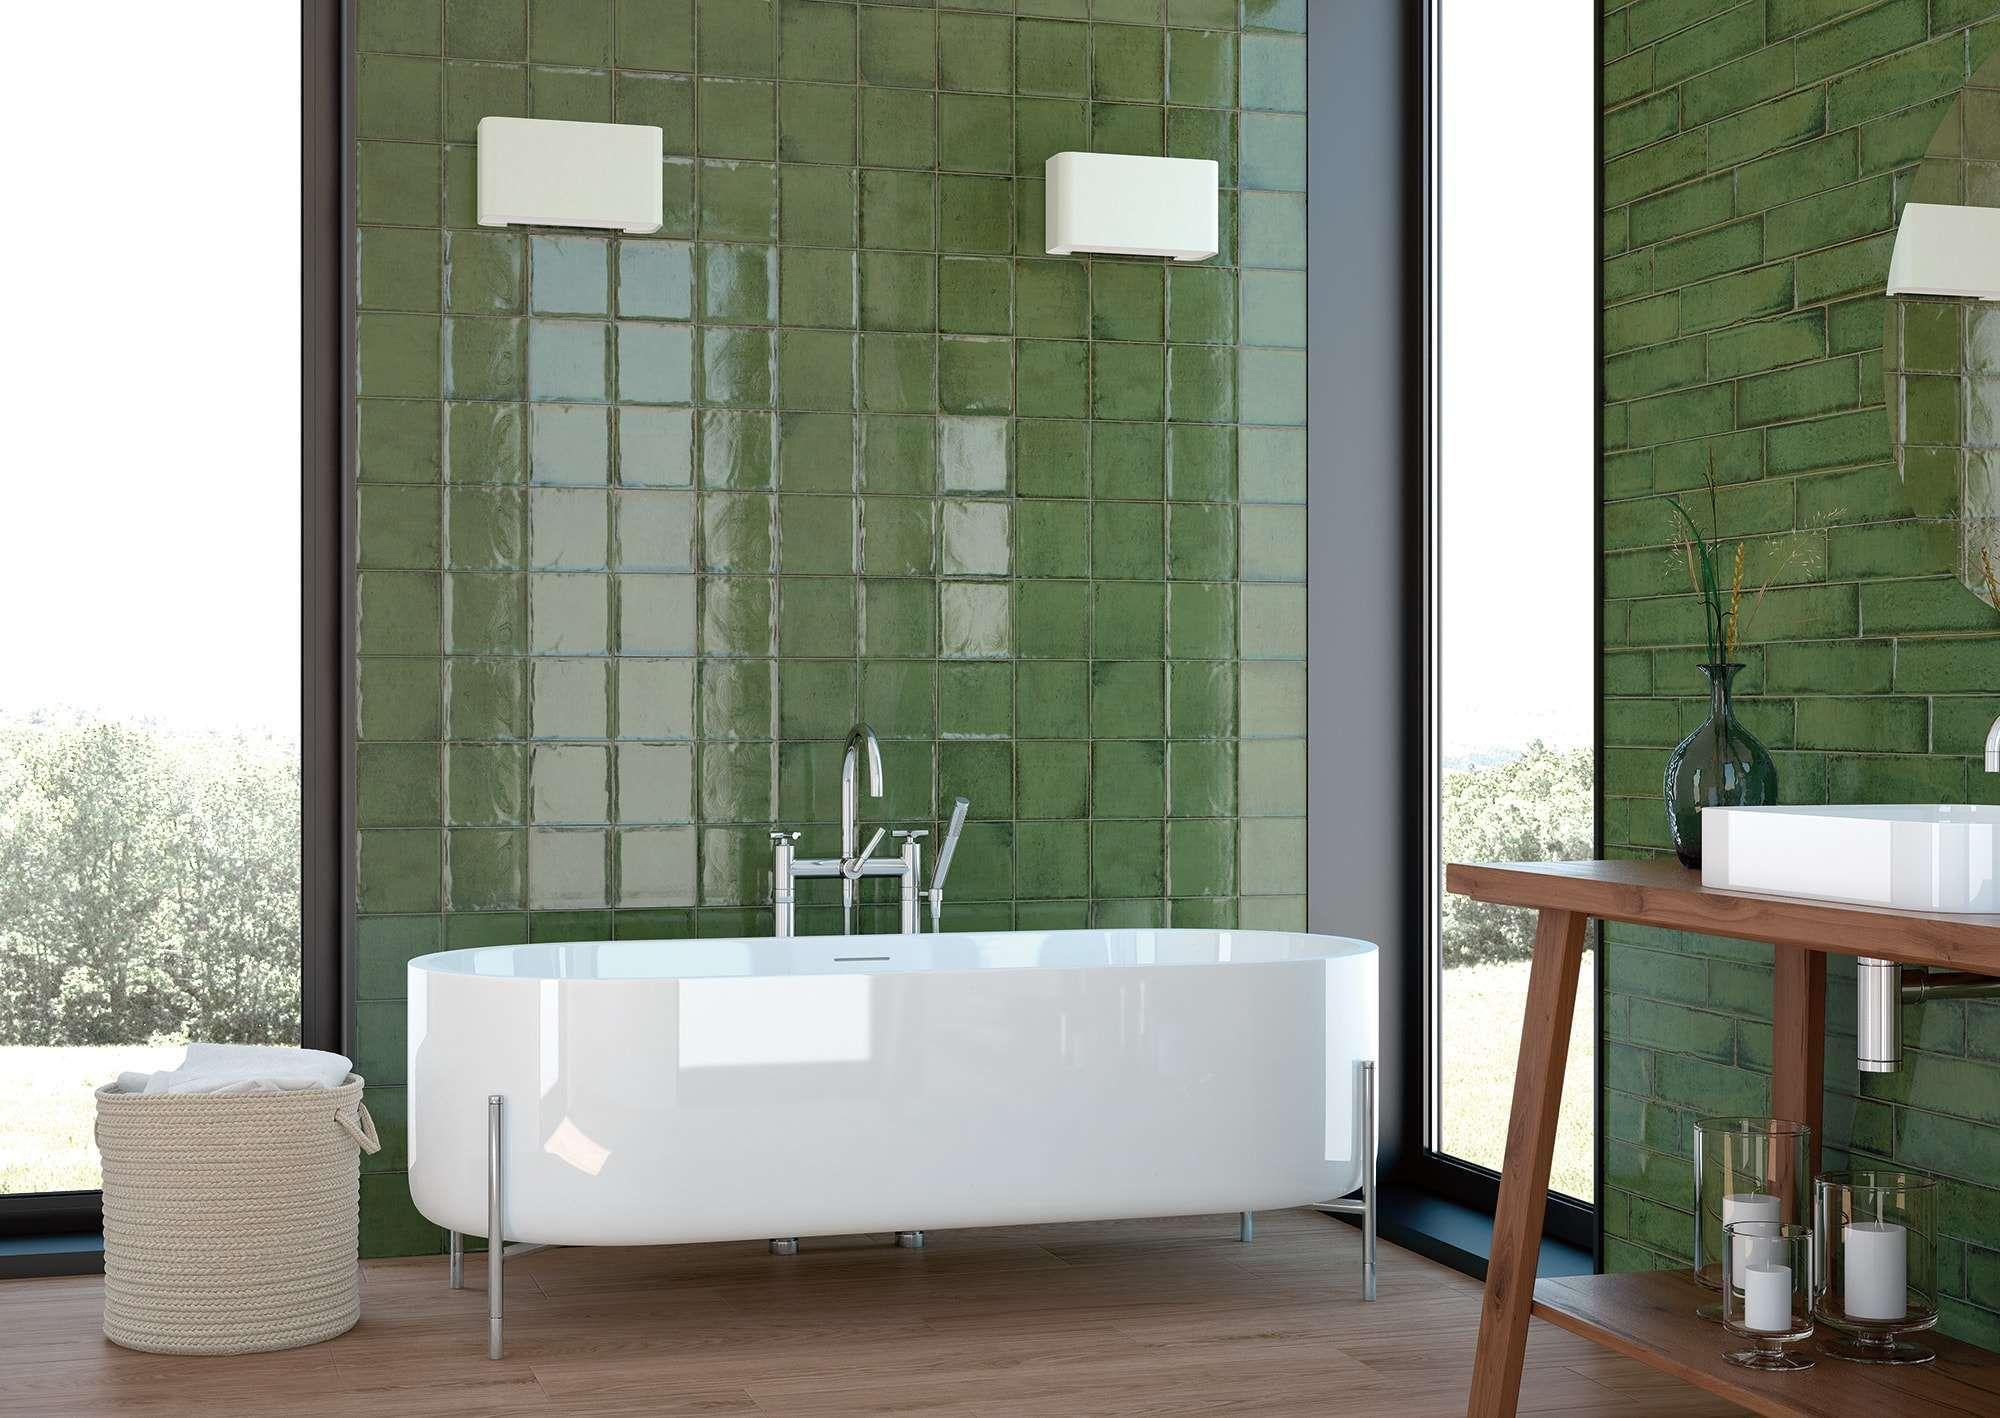 Wandfliese Glam Olivgrun 15x15cm Grune Badfliesen Luxusbadezimmer Badezimmer Farbideen